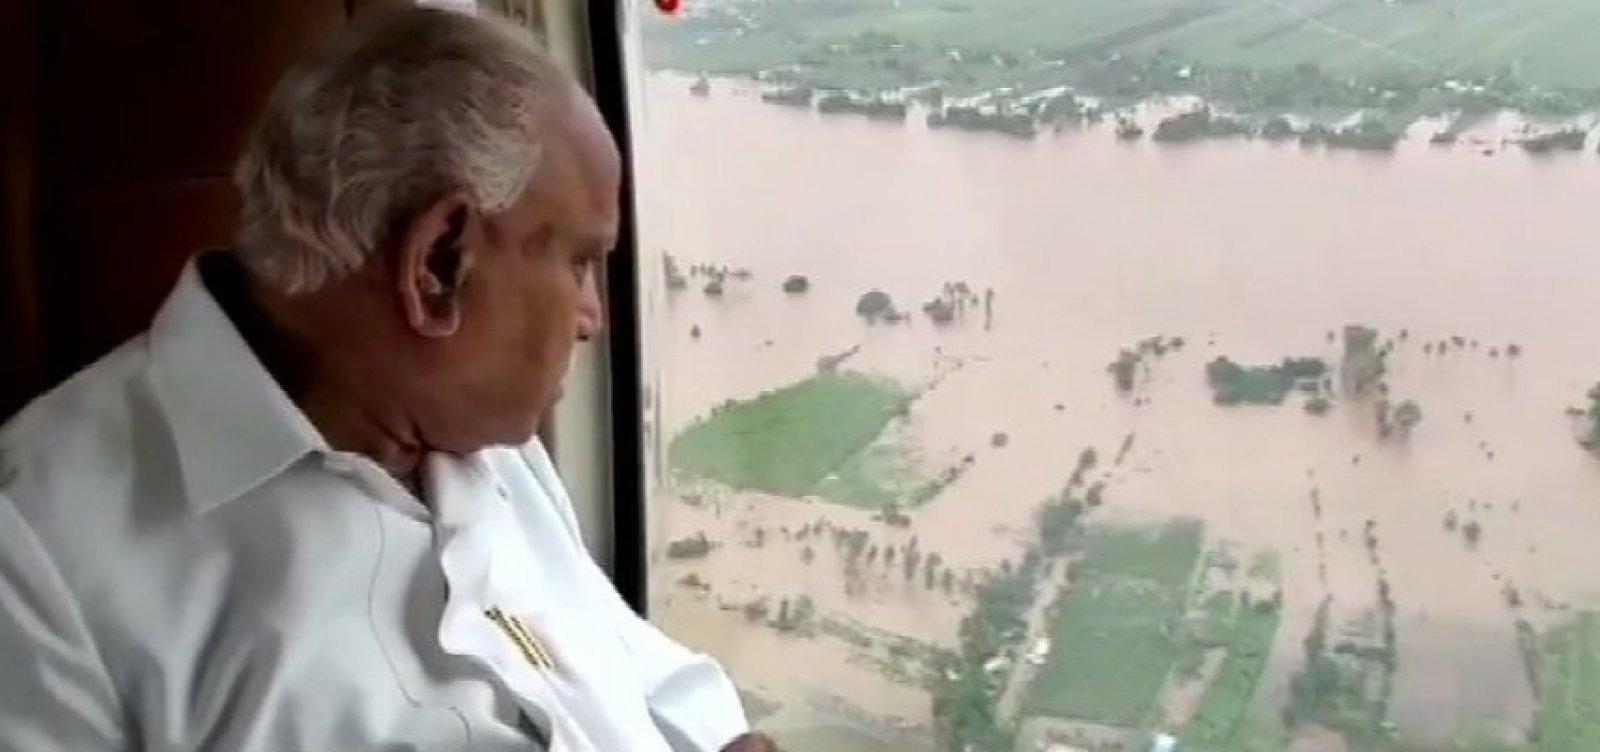 [Inundações deixam 28 mortos e milhares desabrigados na Índia]